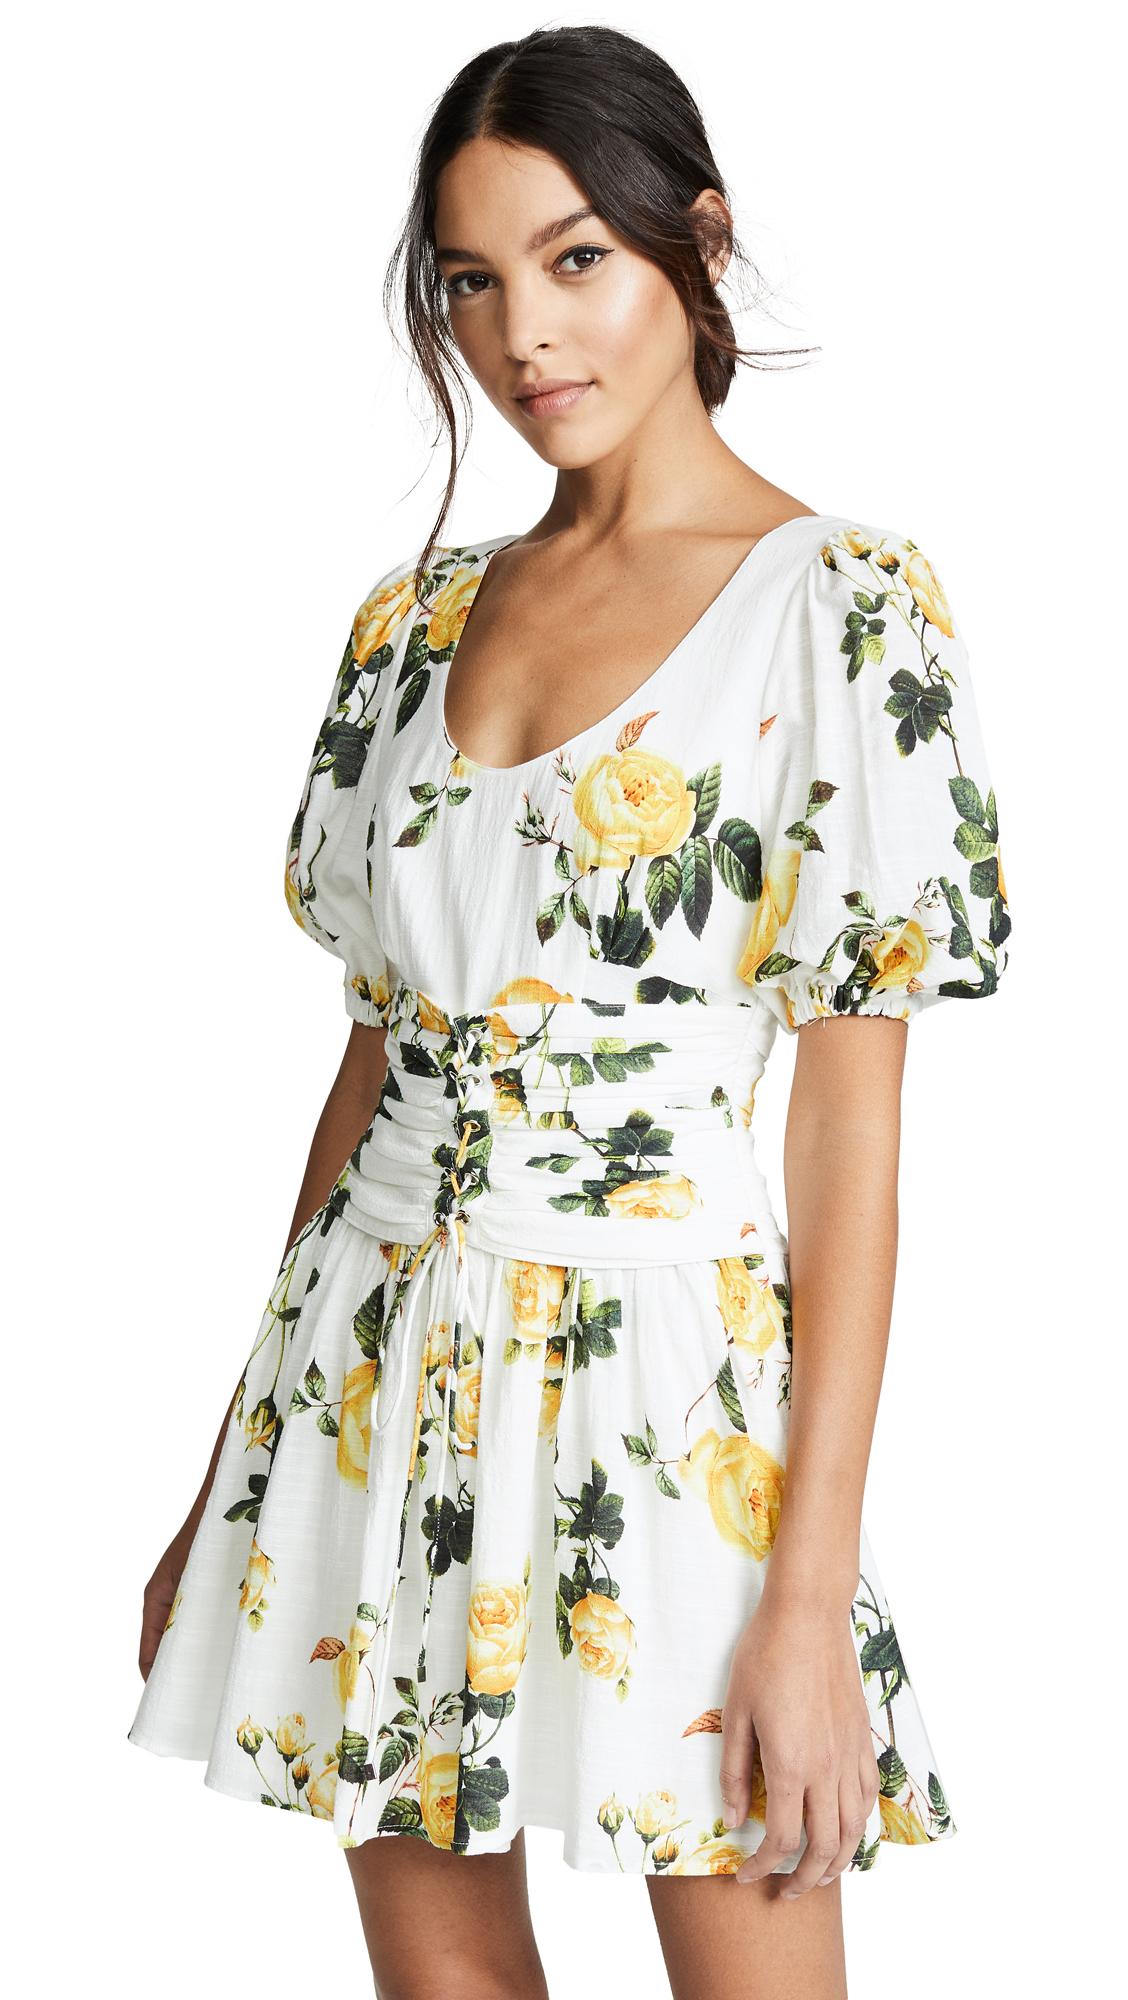 STEELE Sofia Bustier Dress in Lemon Rosetta